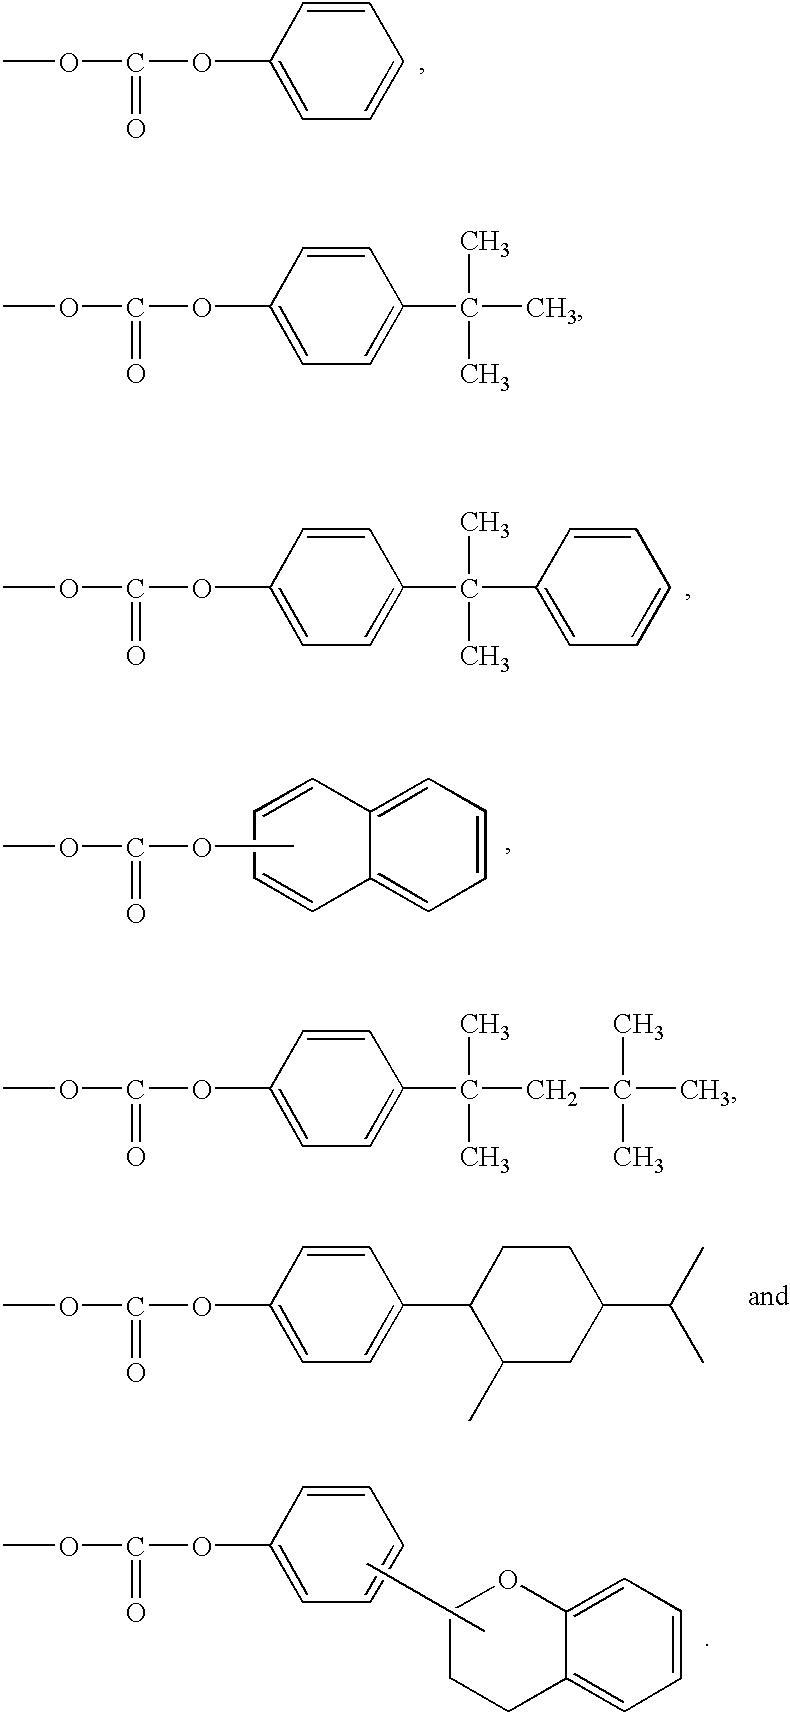 Figure US06512077-20030128-C00009